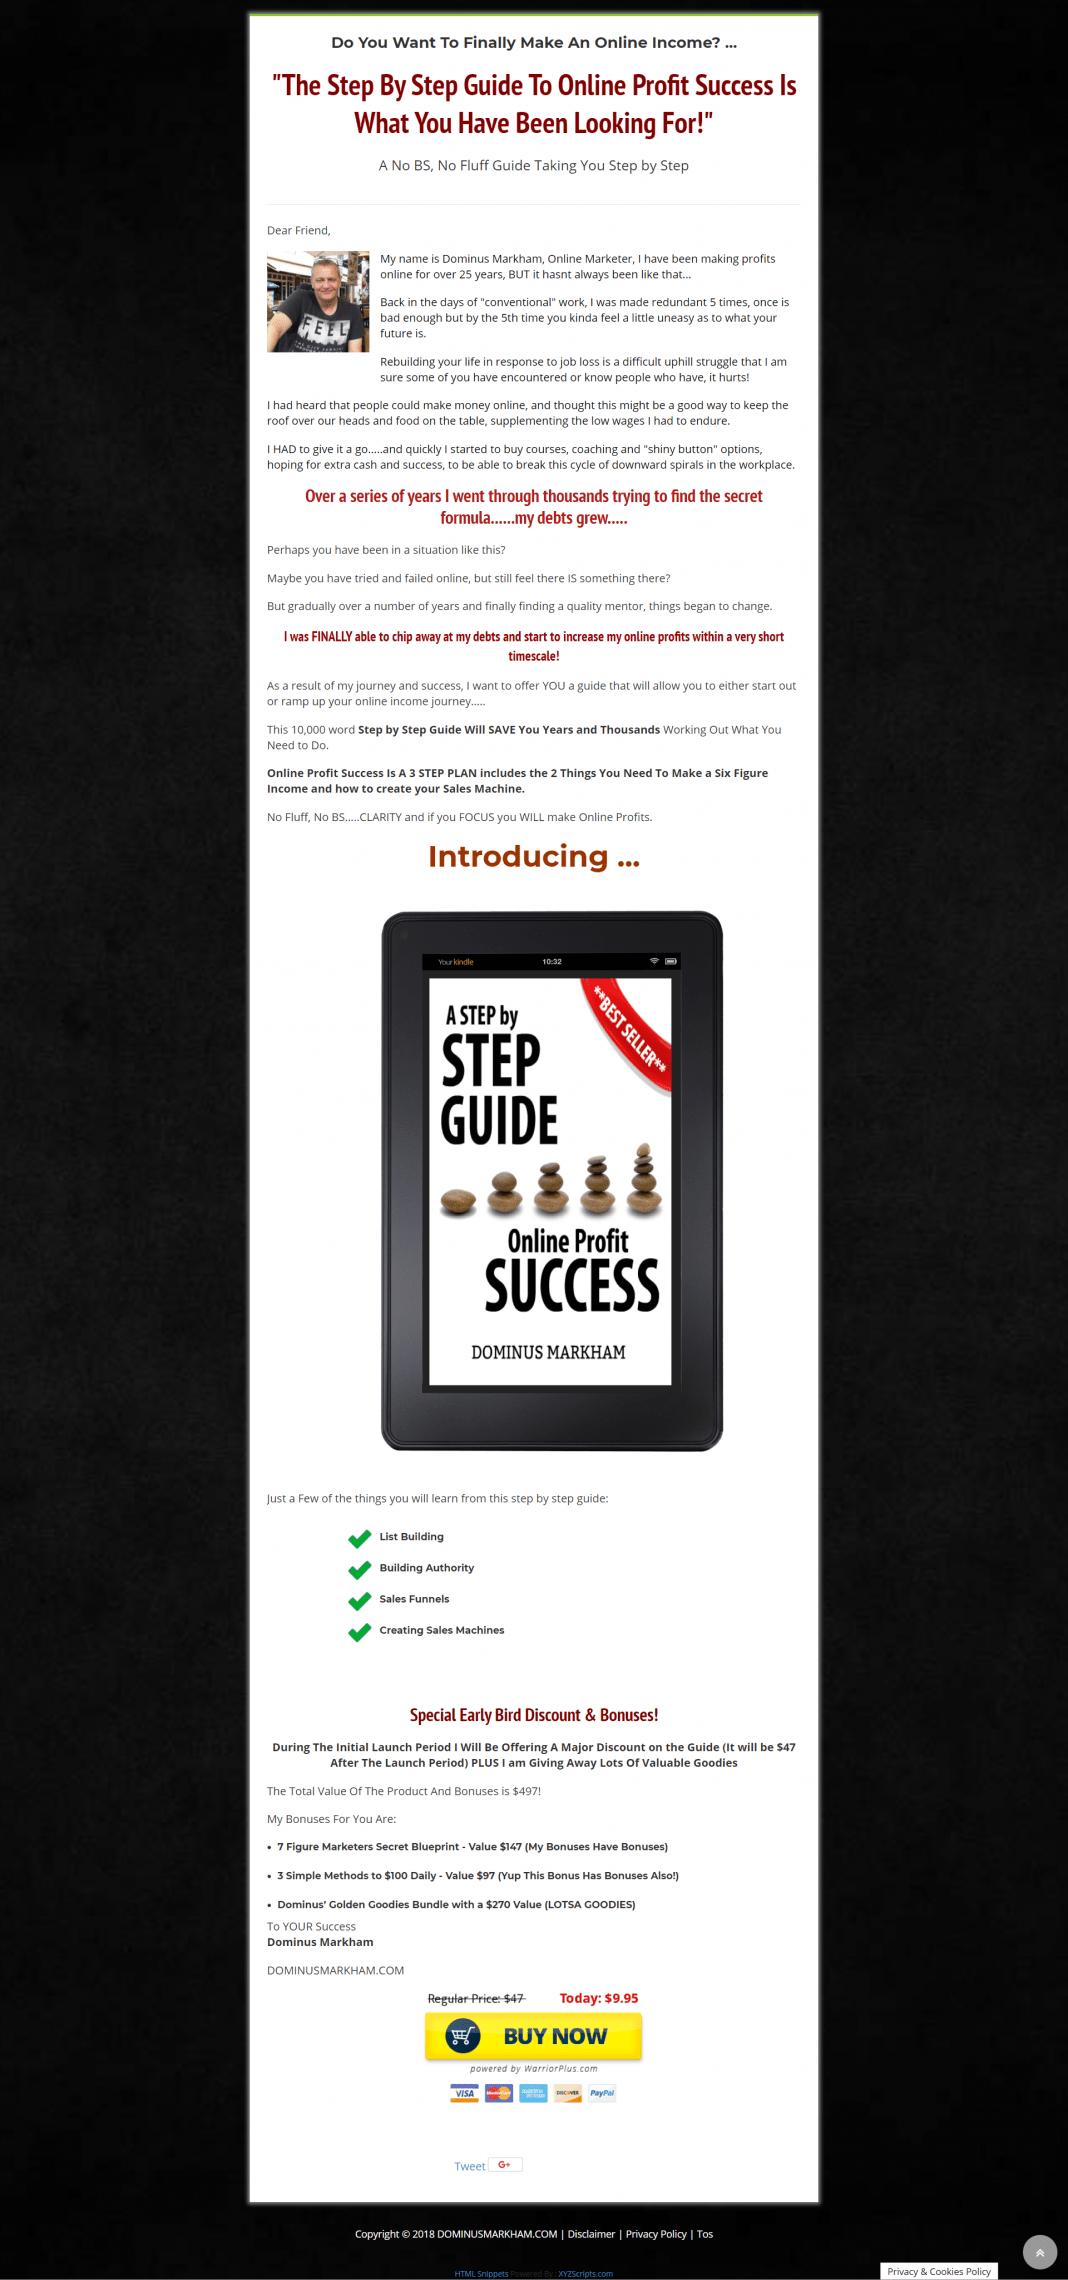 让你从零基础一开始就增加你的在线收入指南(Step By Step Guide Online Profit Success)